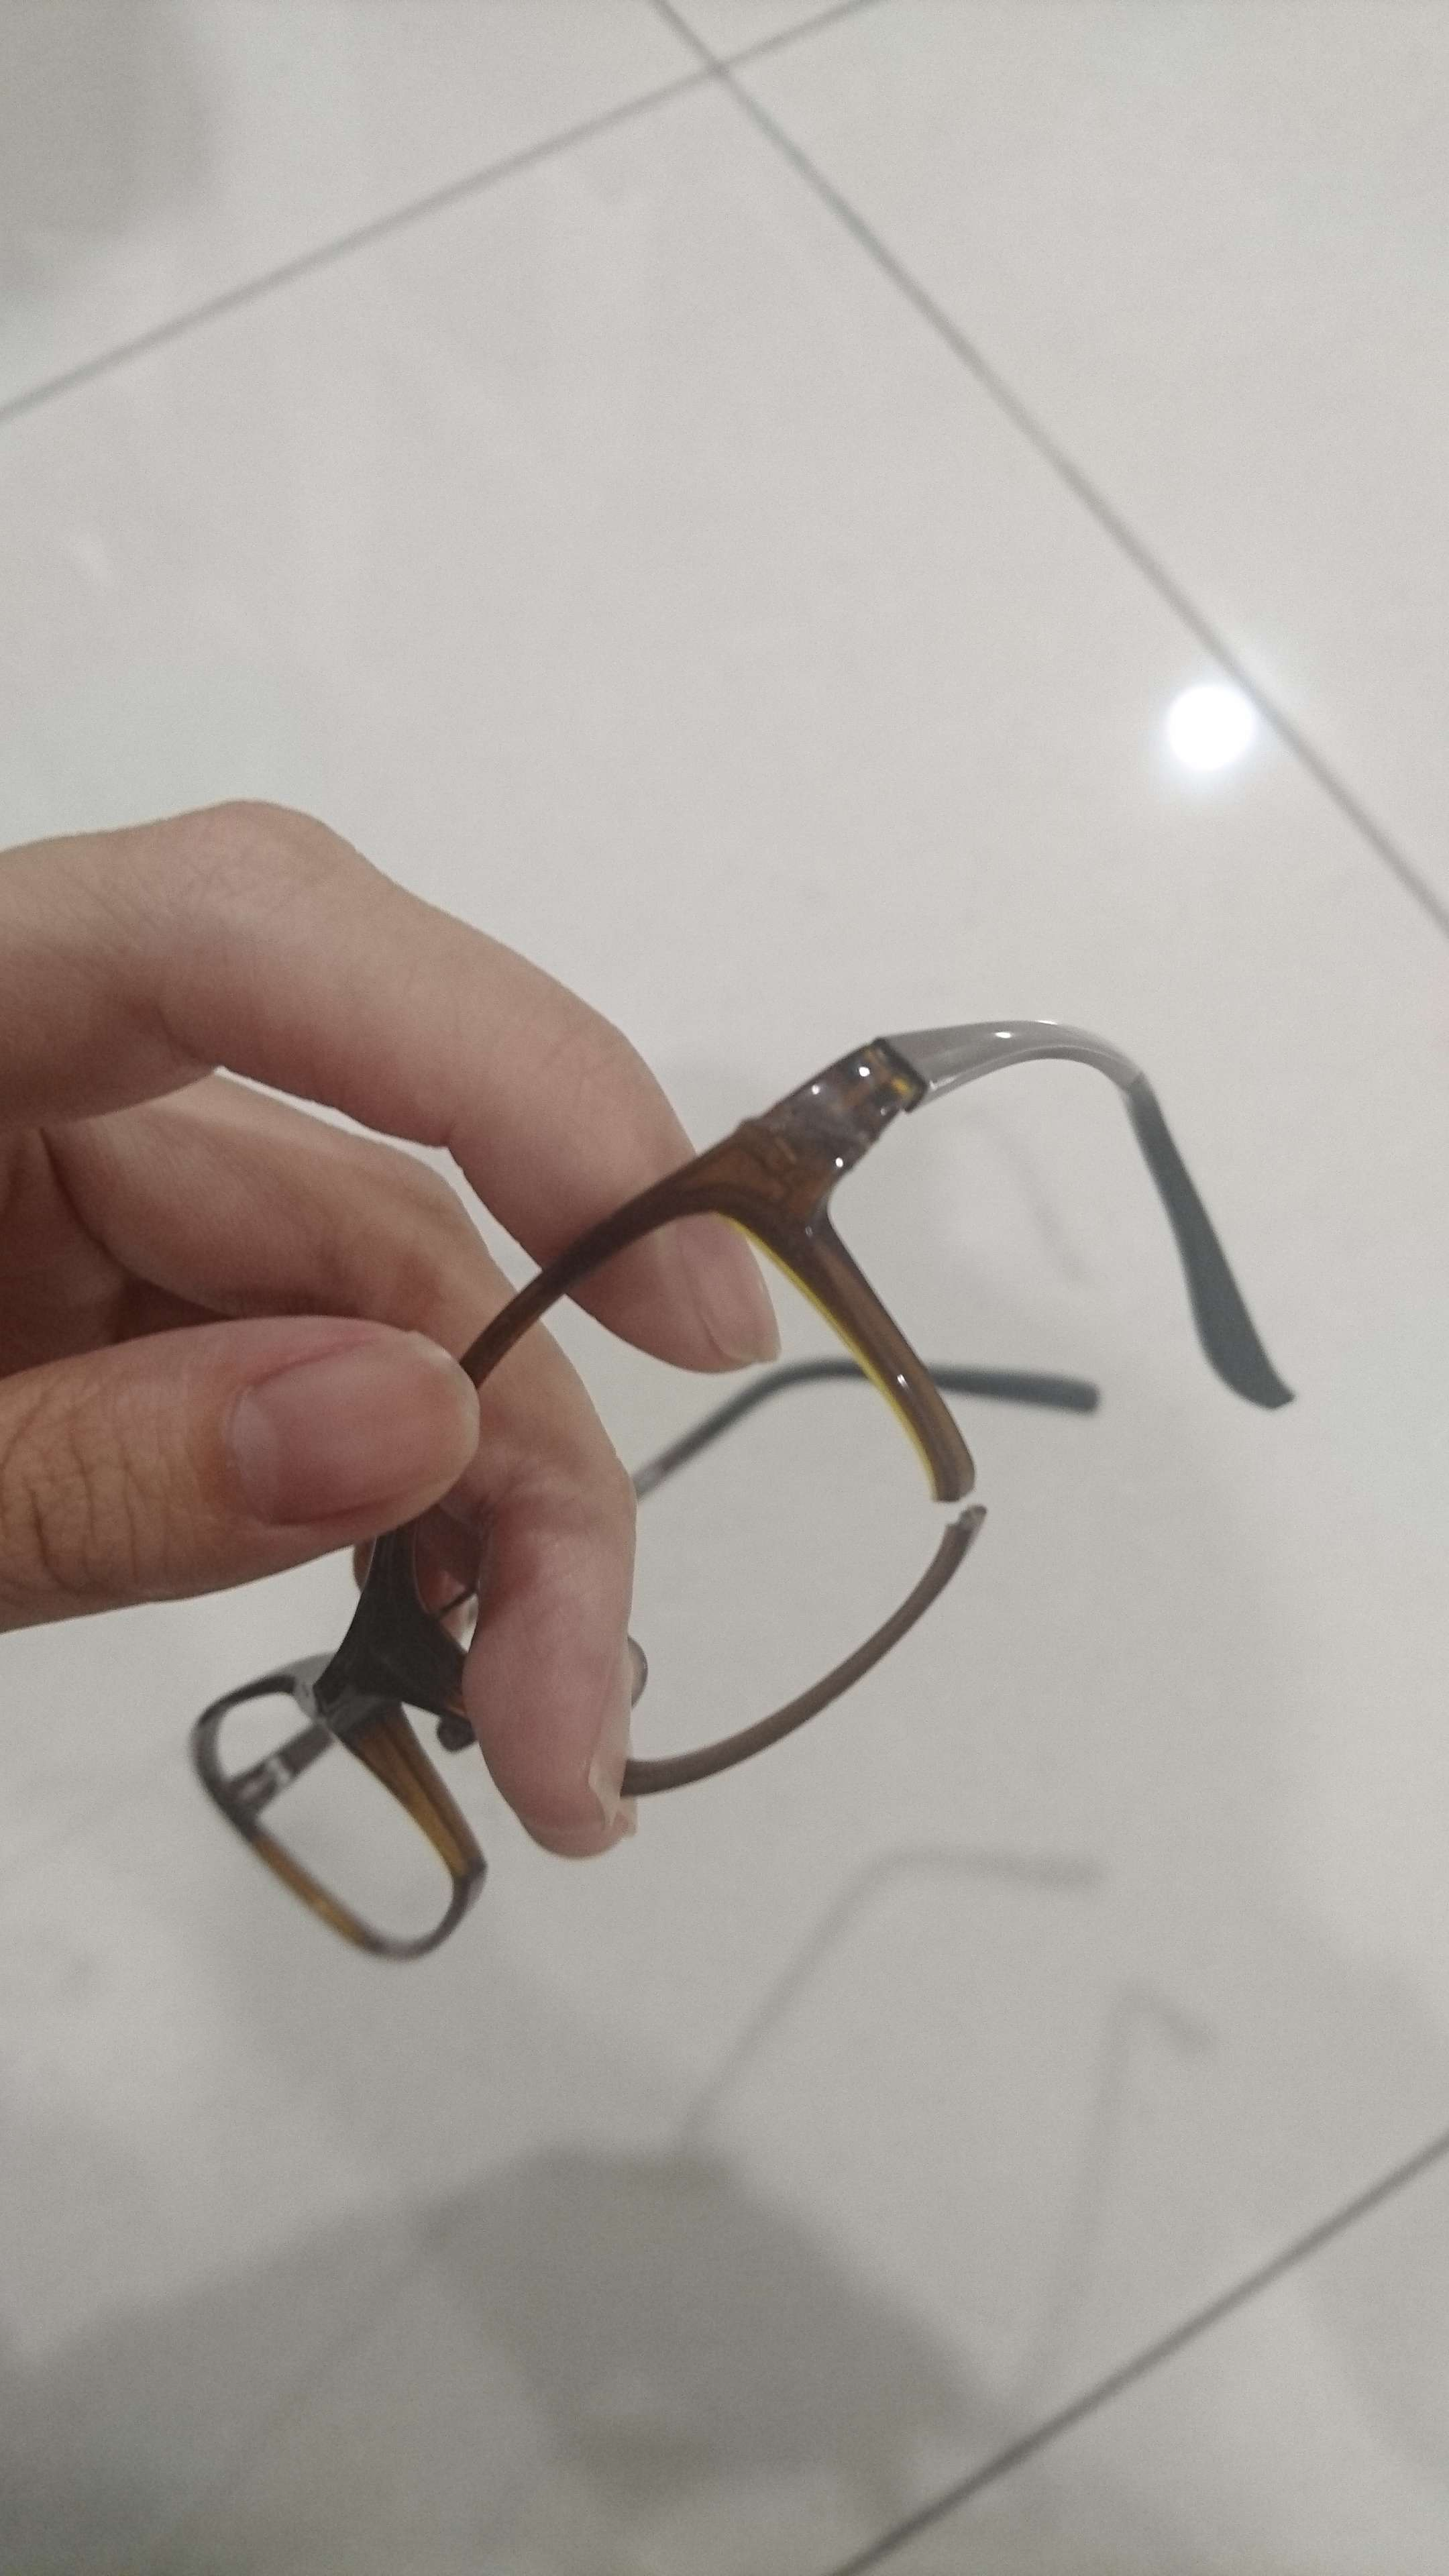 台南で眼鏡を買いました  在台南買眼鏡